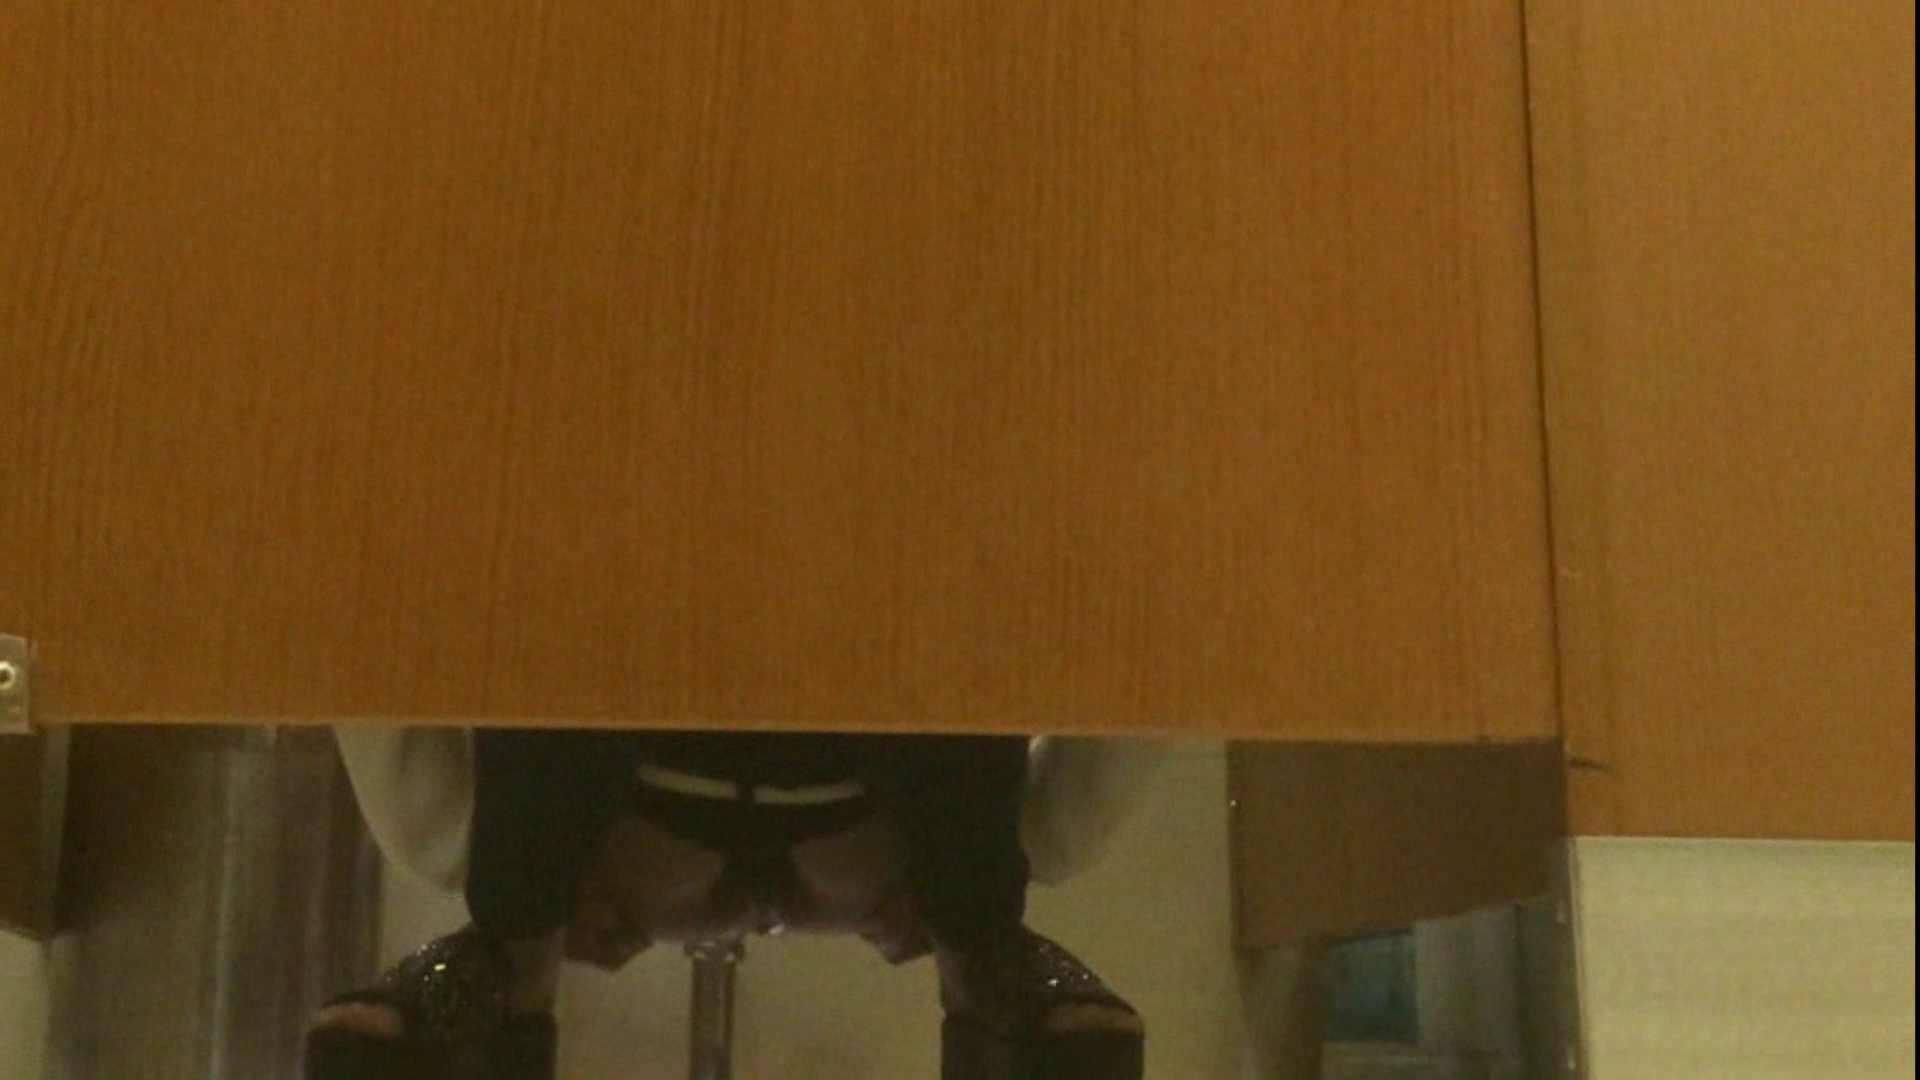 「噂」の国の厠観察日記2 Vol.14 厠 盗み撮りオマンコ動画キャプチャ 61画像 2